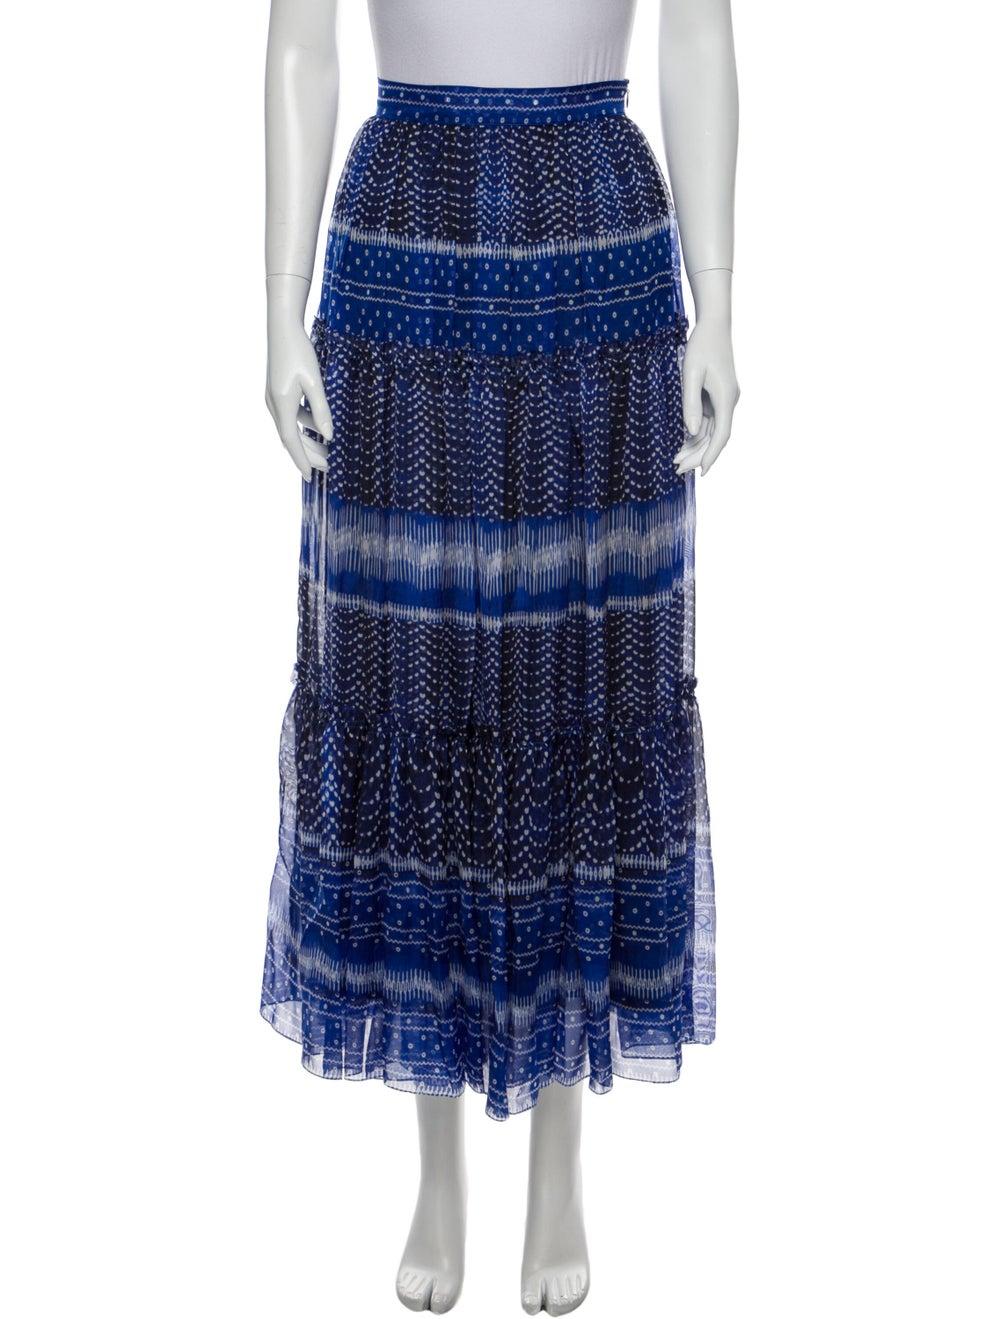 Plein Sud Printed Midi Length Skirt Blue - image 1